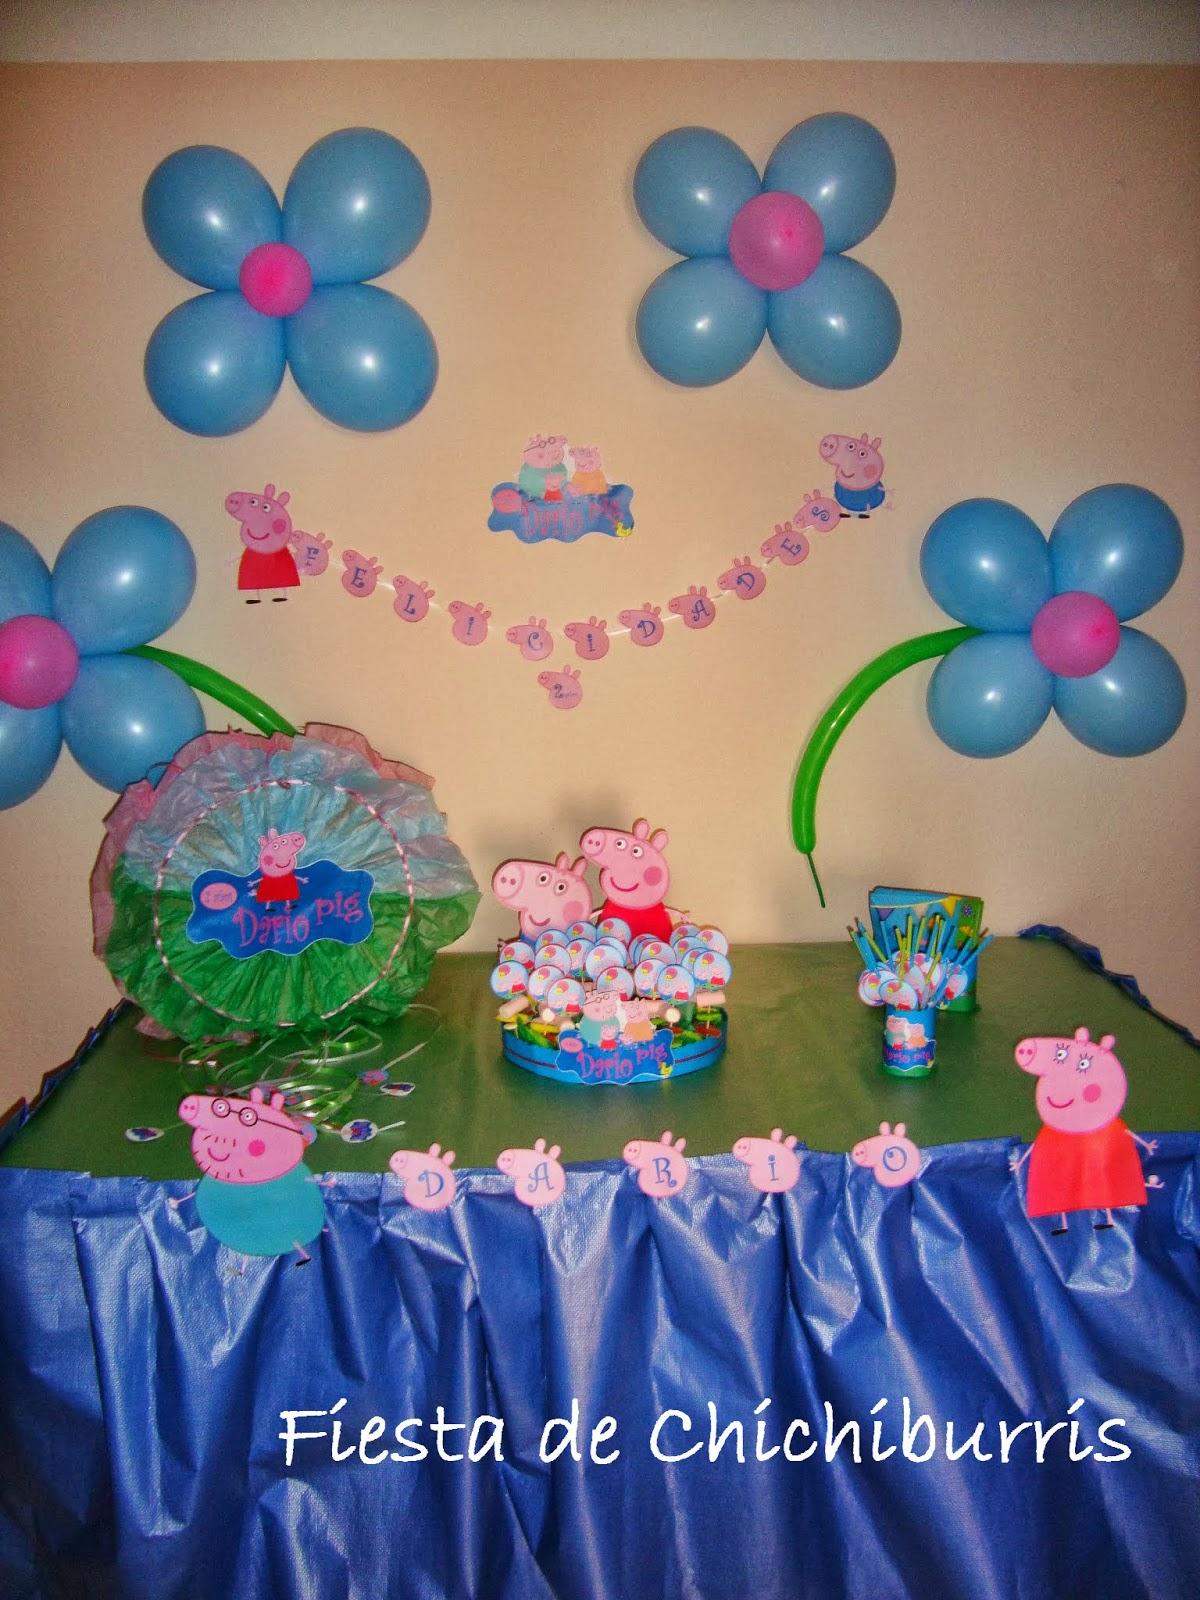 Decoracion para cumpleanos de pepa pig decoracion - Decoracion fiestas cumpleanos ...